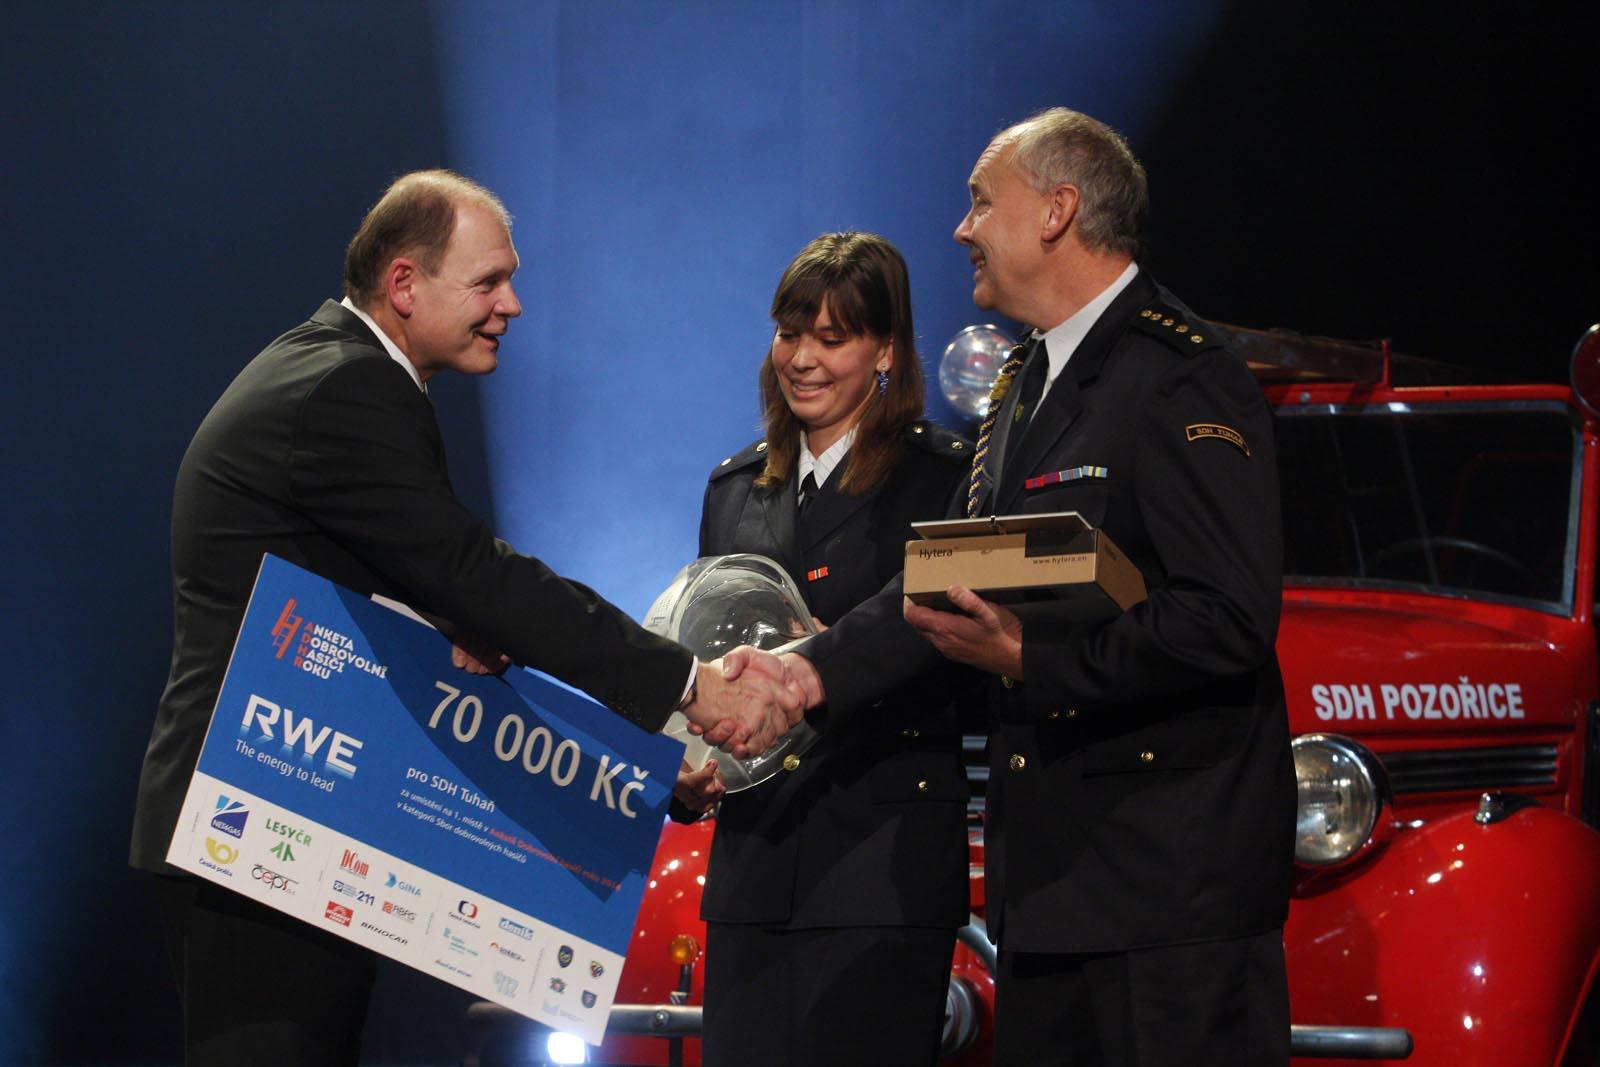 1. místo SDH Tuhaň - vyhlášení výsledků ankety Dobrovolní hasiči roku 2014